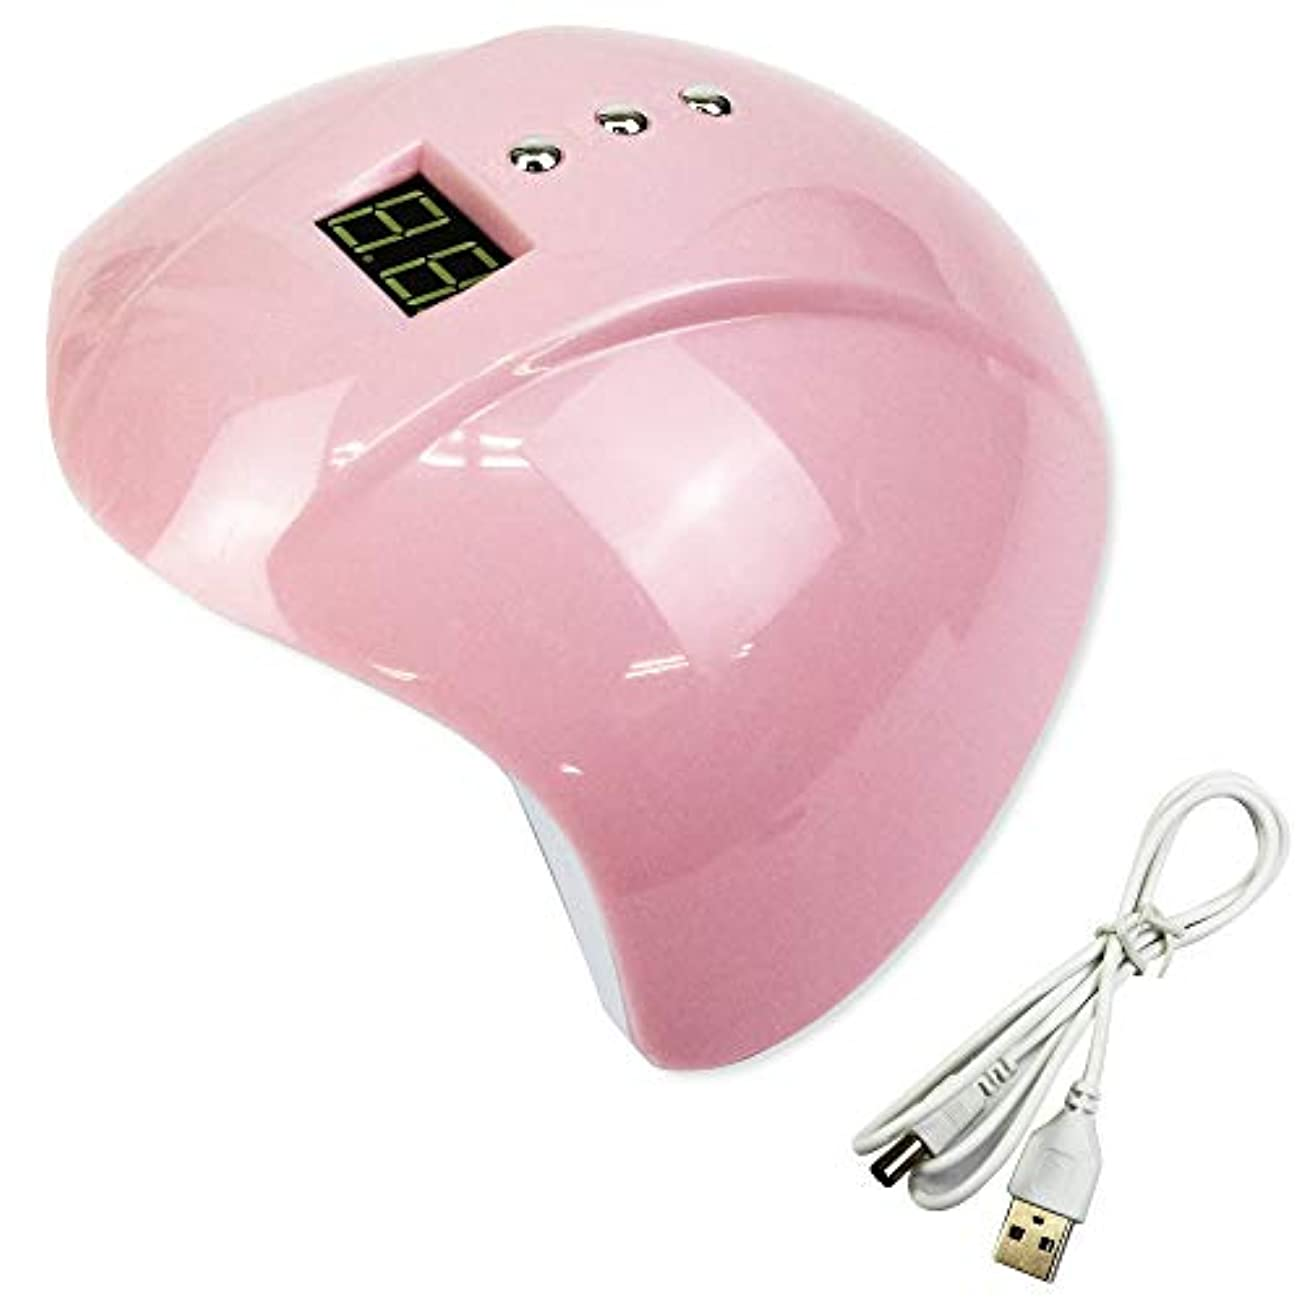 手伝うしてはいけない翻訳するMUGEN ネイル LEDライト 硬化 ネイルドライヤー ジェルネイル UVライト 3段階タイマー ネイル道具 (ピンク)